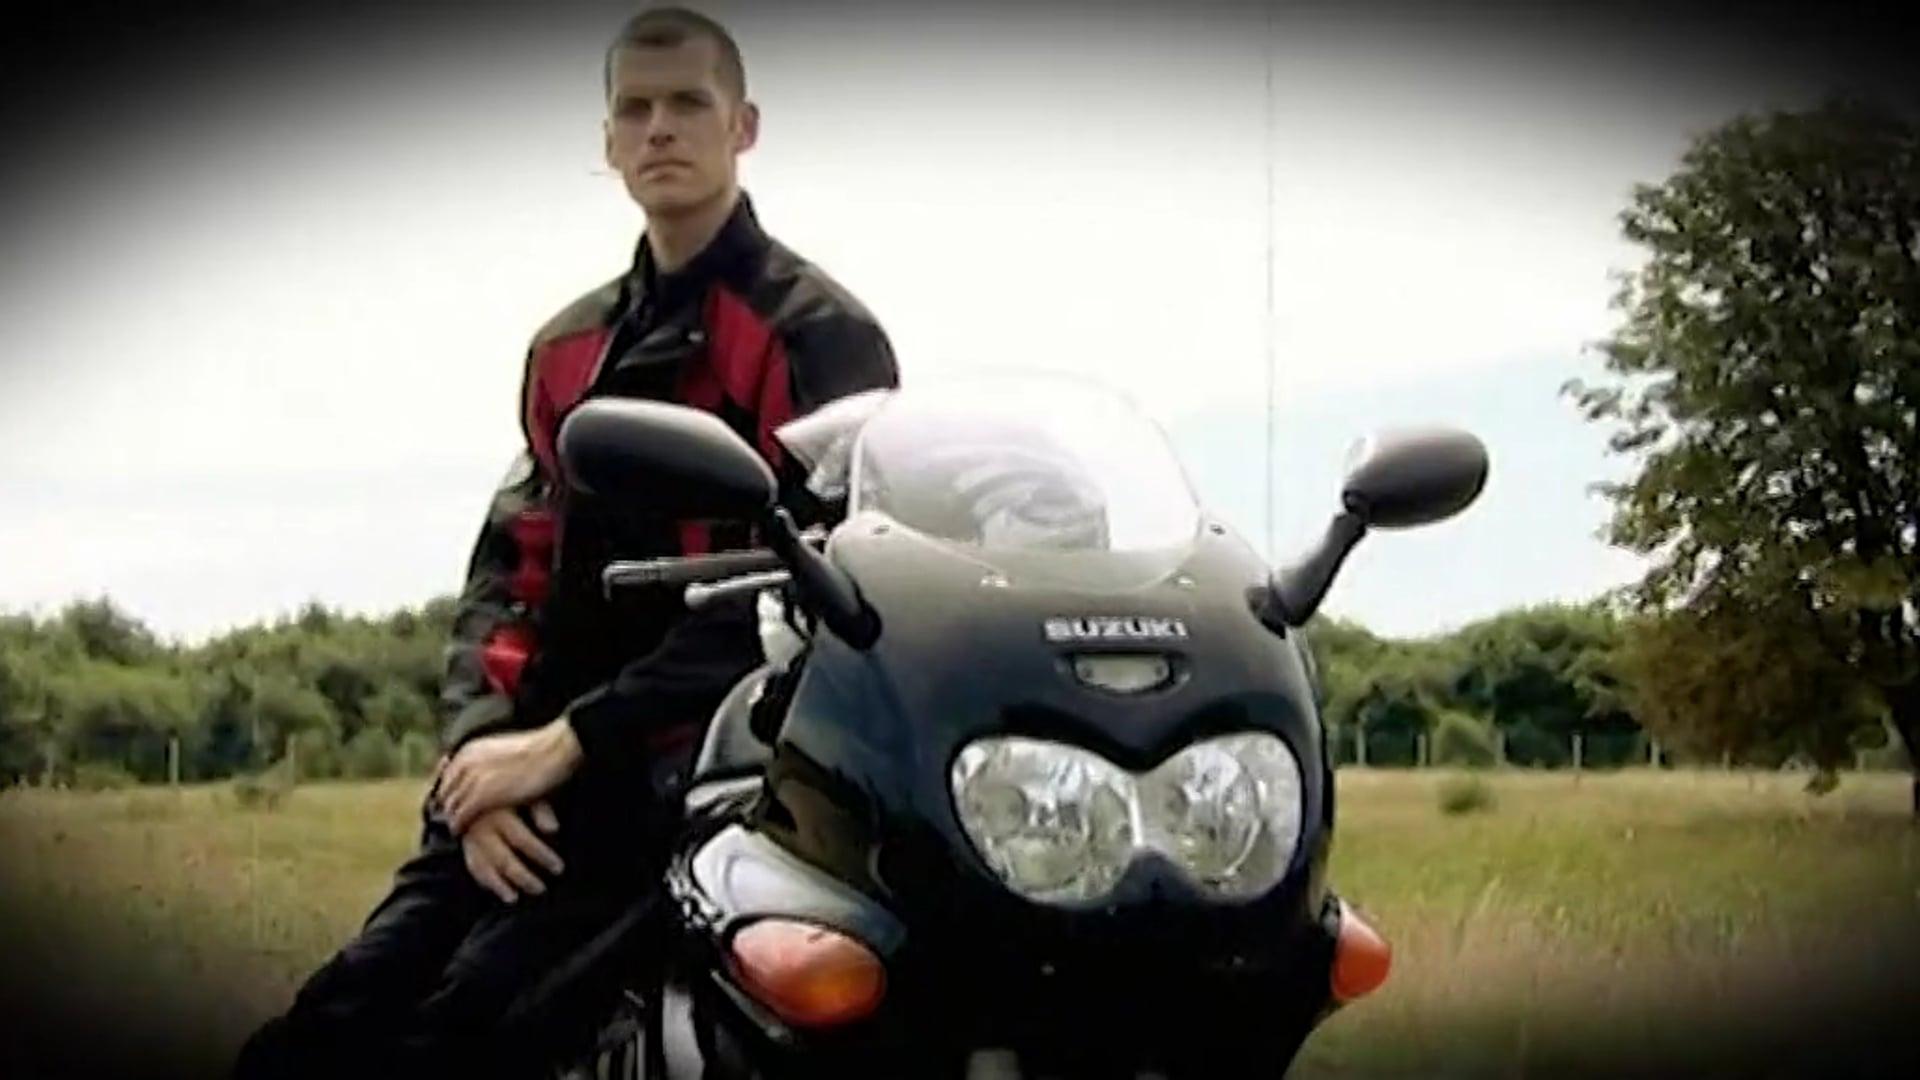 Enhanced Rider Scheme 'Barry'